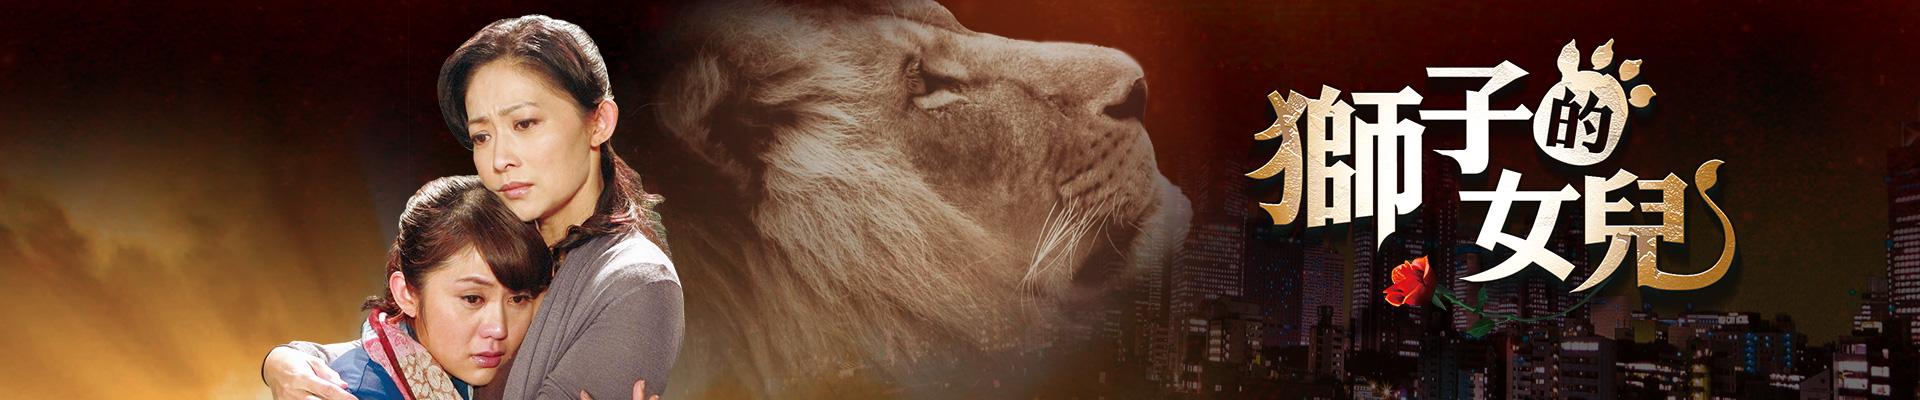 獅子的女兒